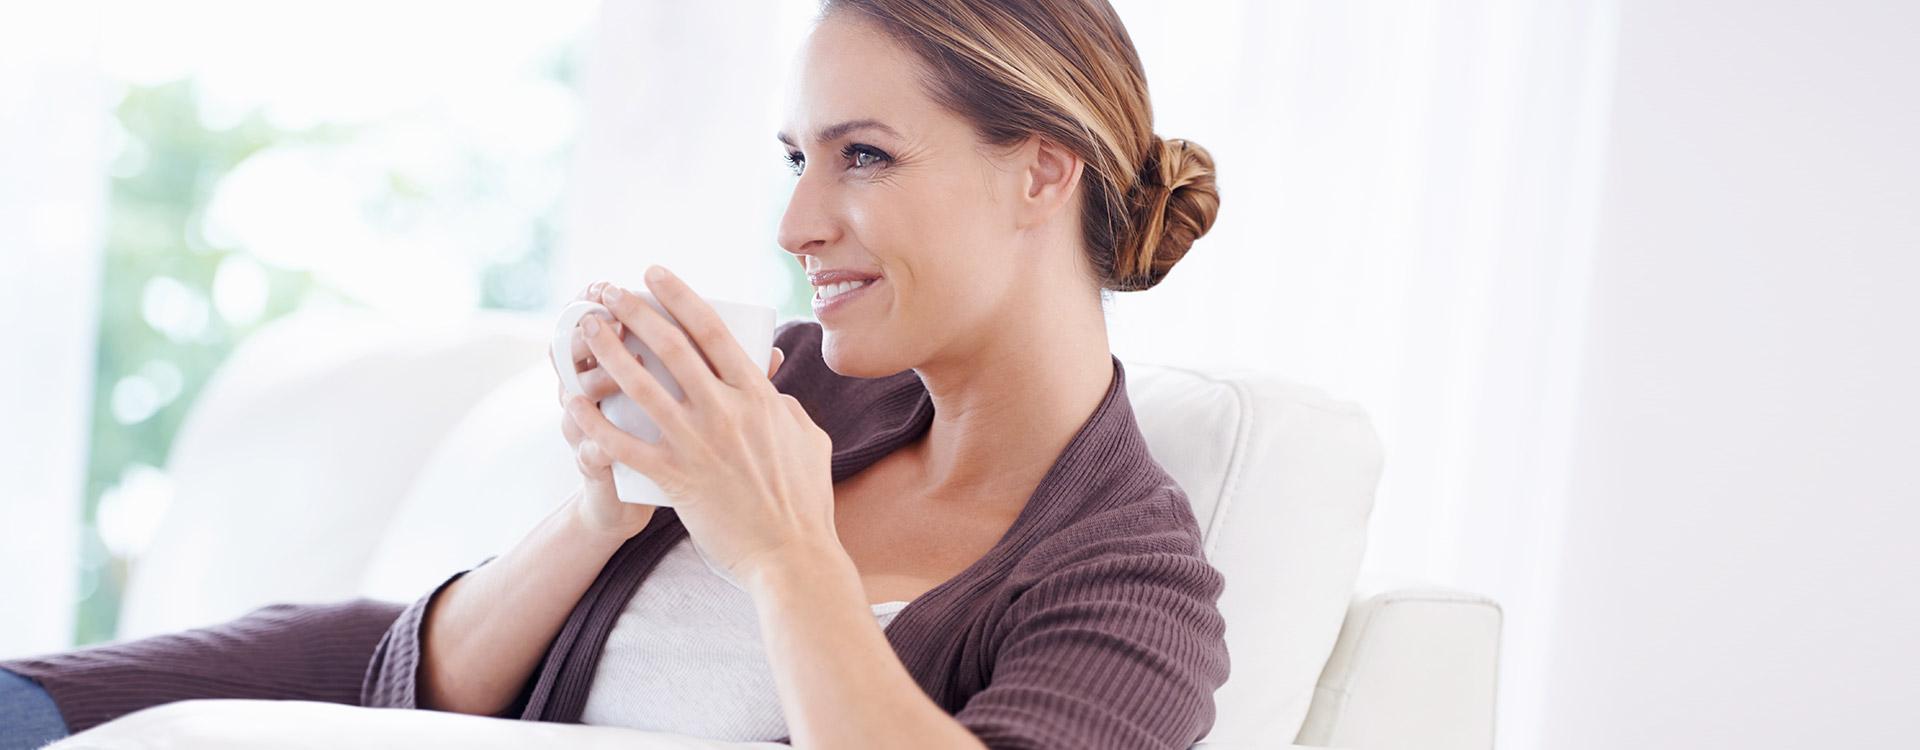 Weibliche Person trinkt Tee | Ramend